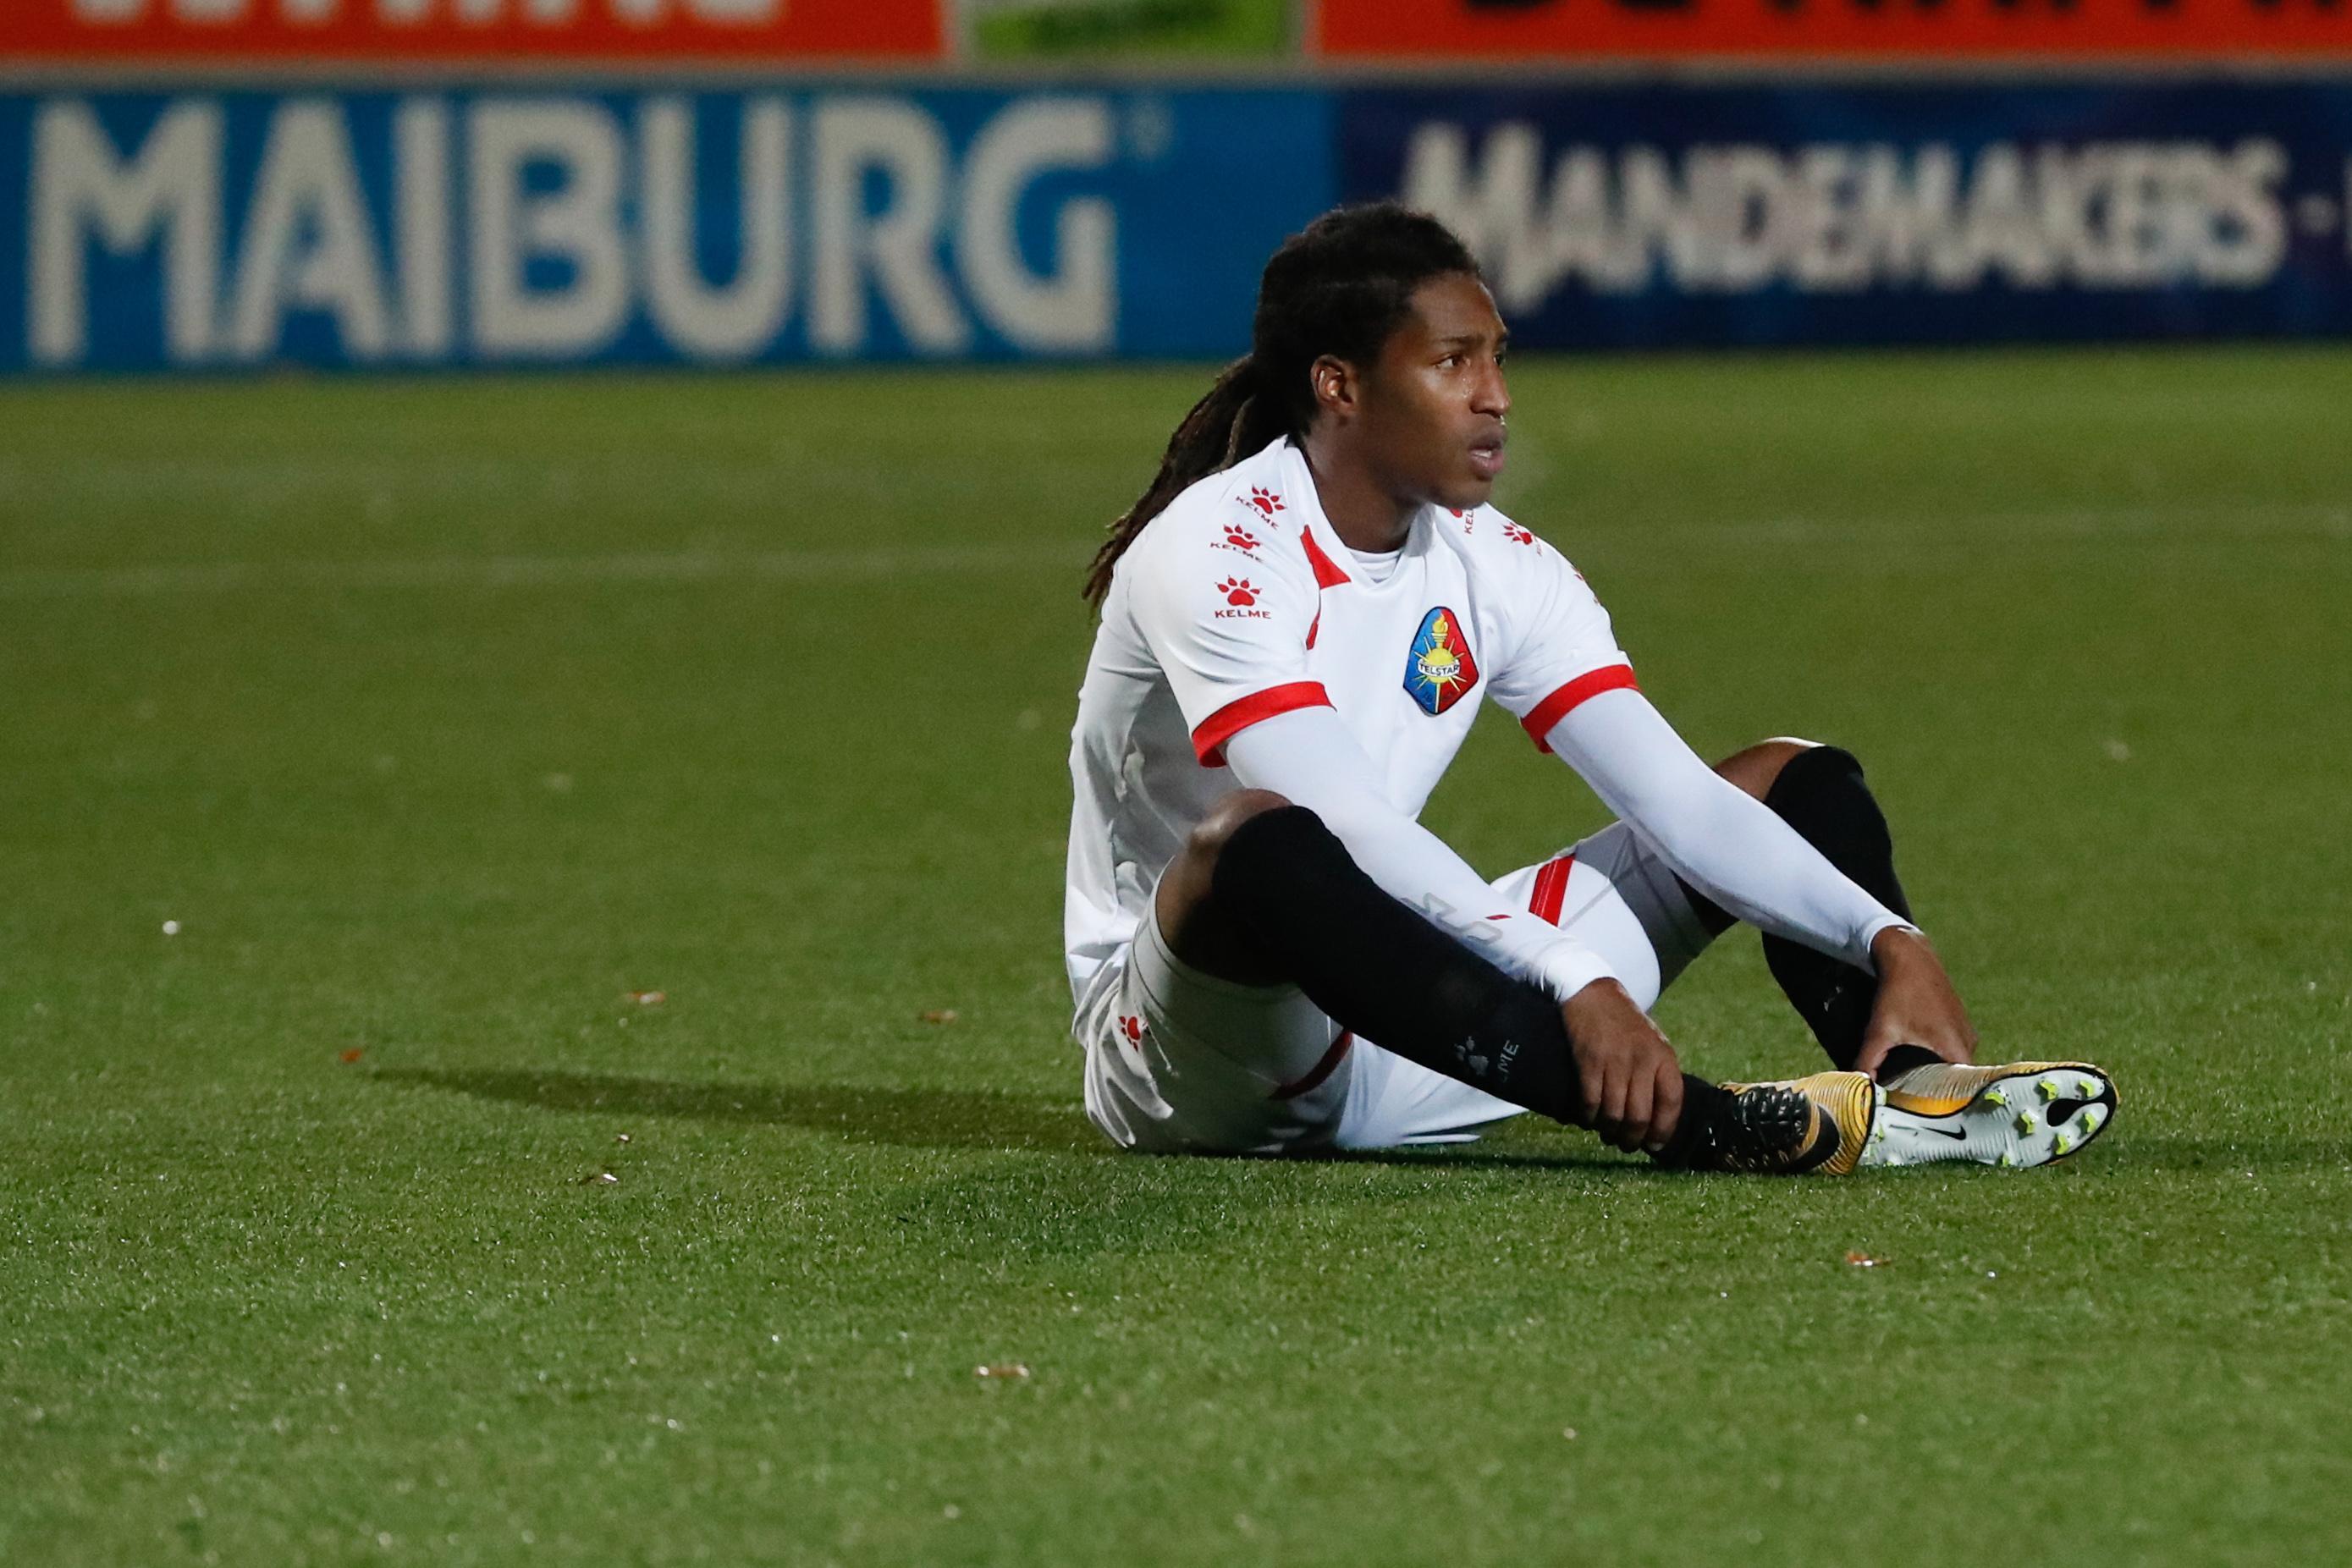 Gerson Rodrigues speelt deze week met Dinamo Kiev tegen AZ. Hij kon de verwachtingen bij Telstar nooit inlossen: 'Met zijn kwaliteiten had hij in de Premier League moeten spelen' [video]